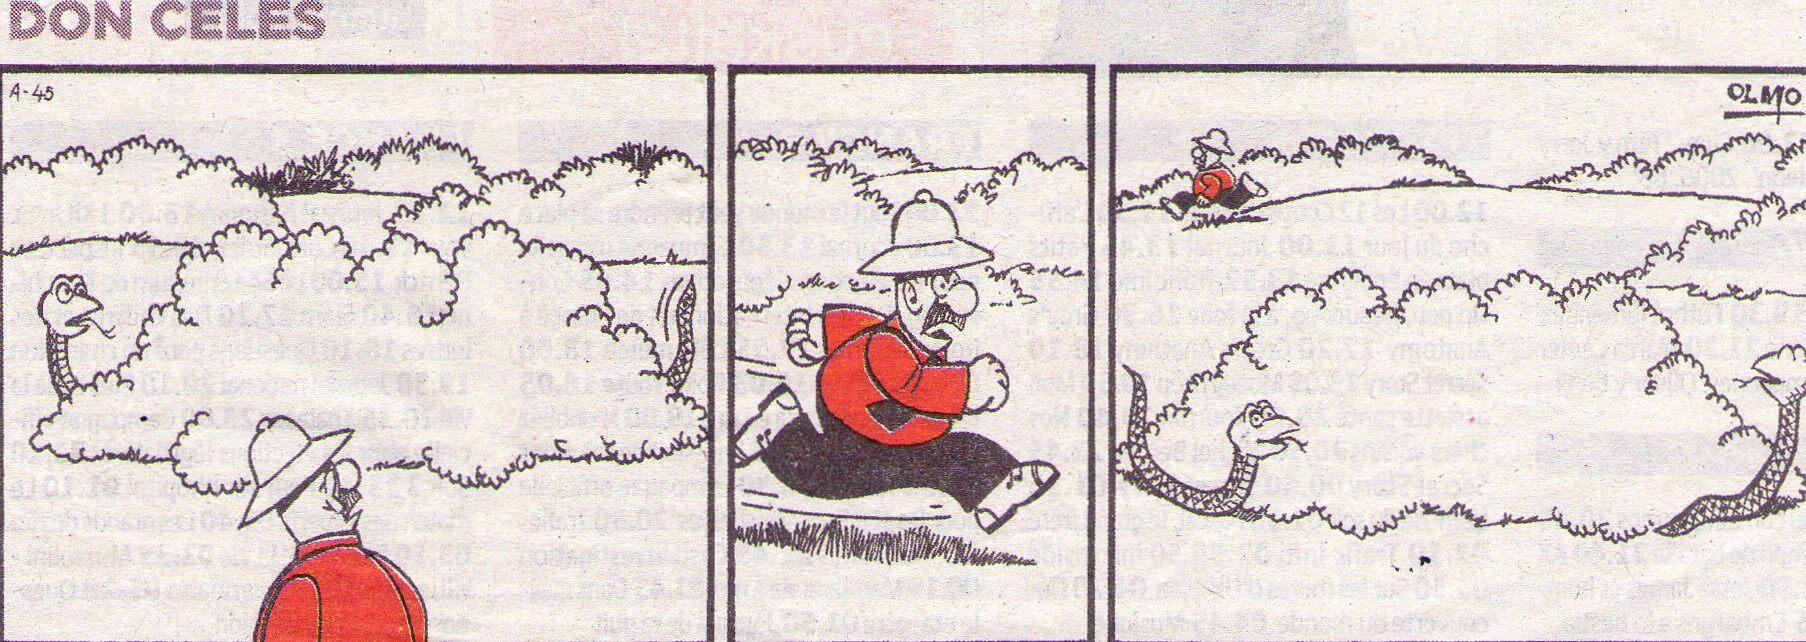 Don Celes y la enorme serpiente